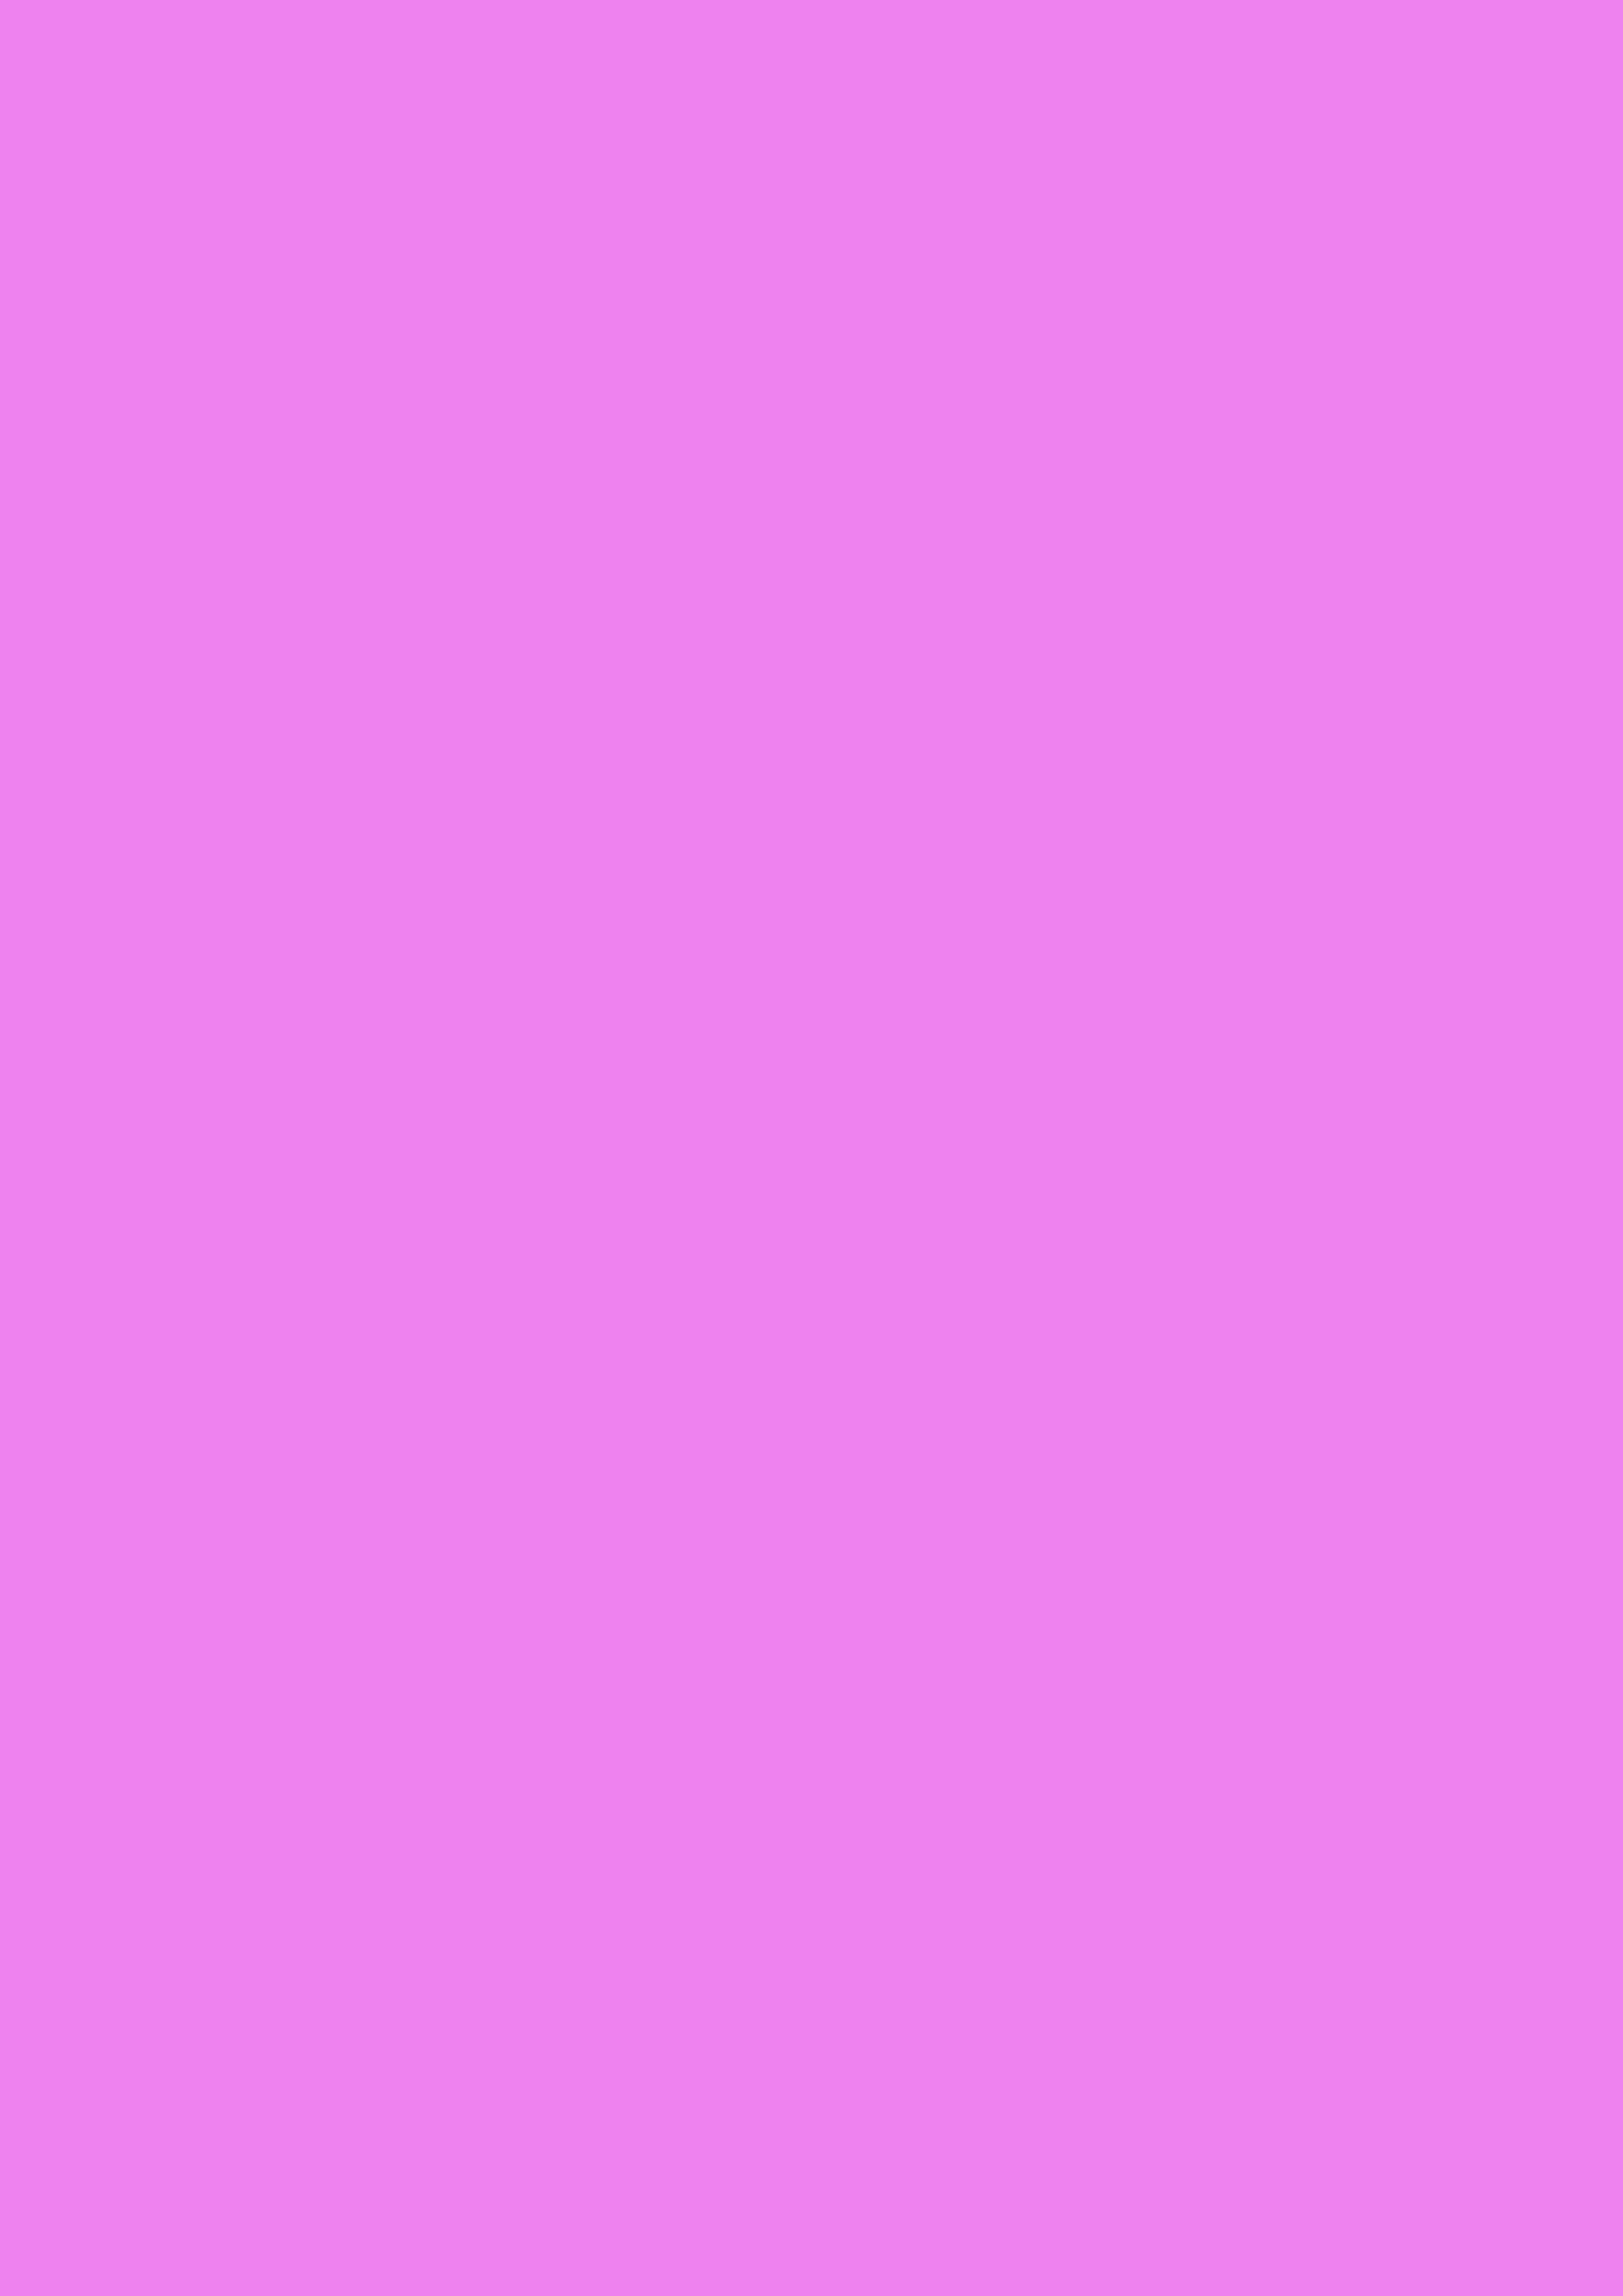 2480x3508 Lavender Magenta Solid Color Background